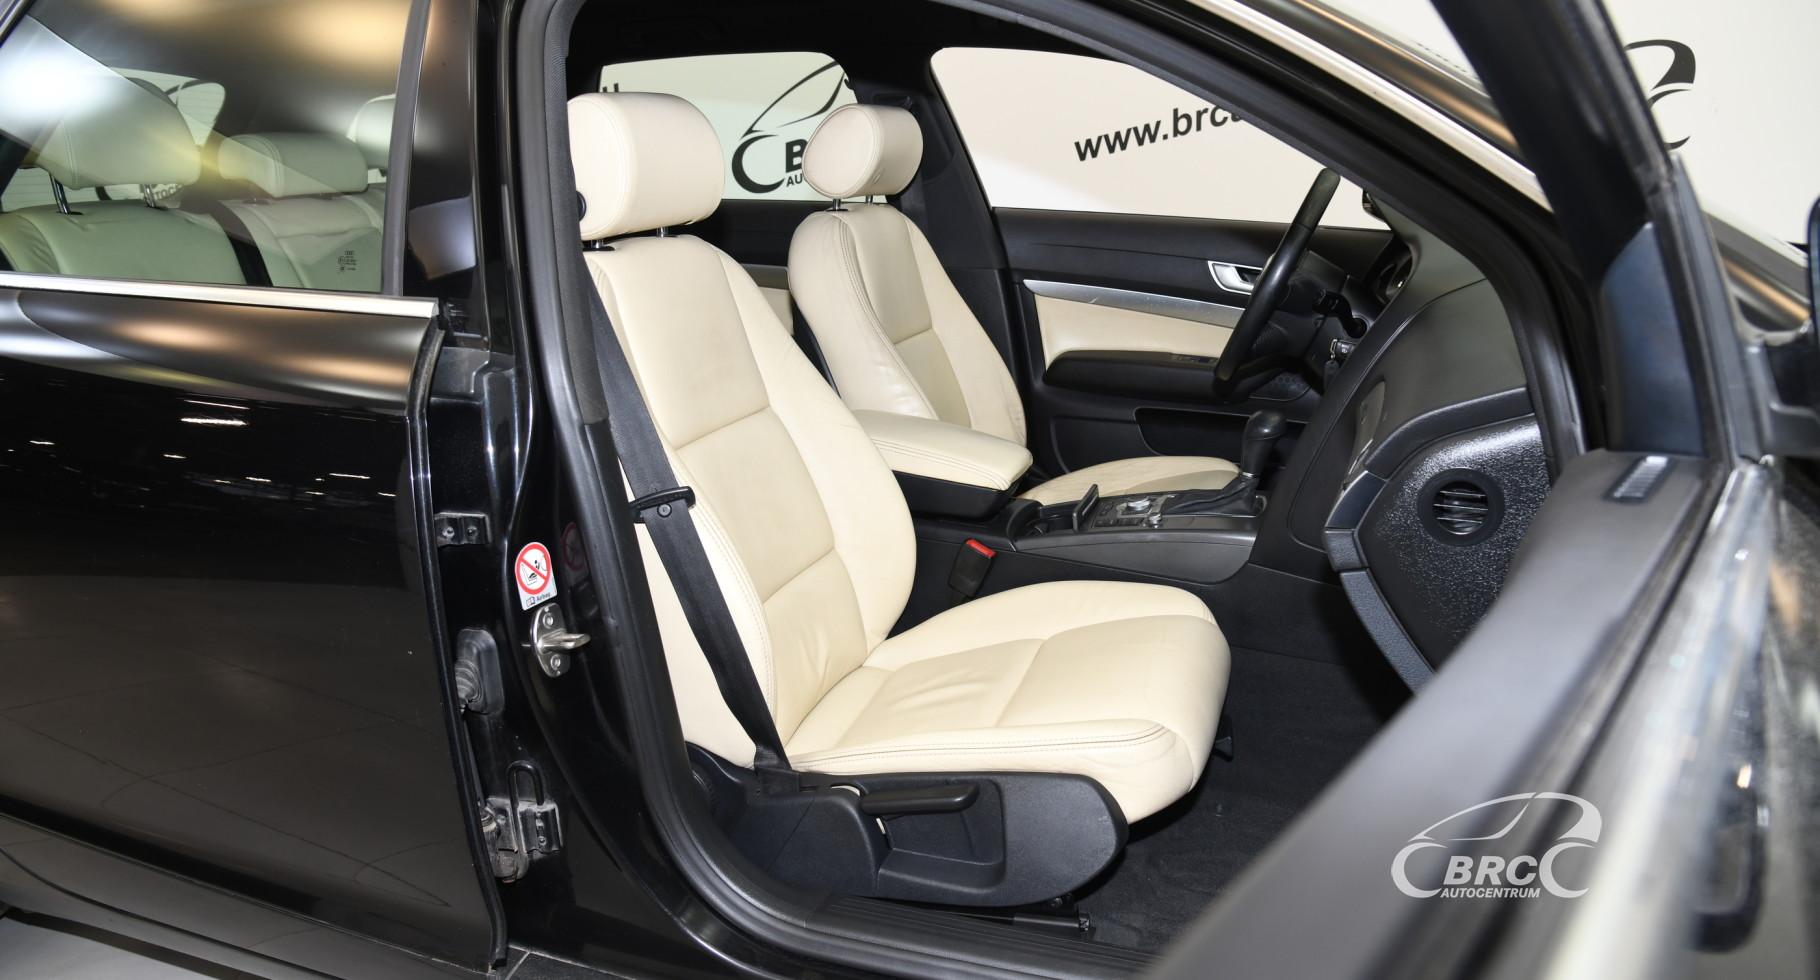 Audi A6 Avant 3.0 TDI Quattro Automatas